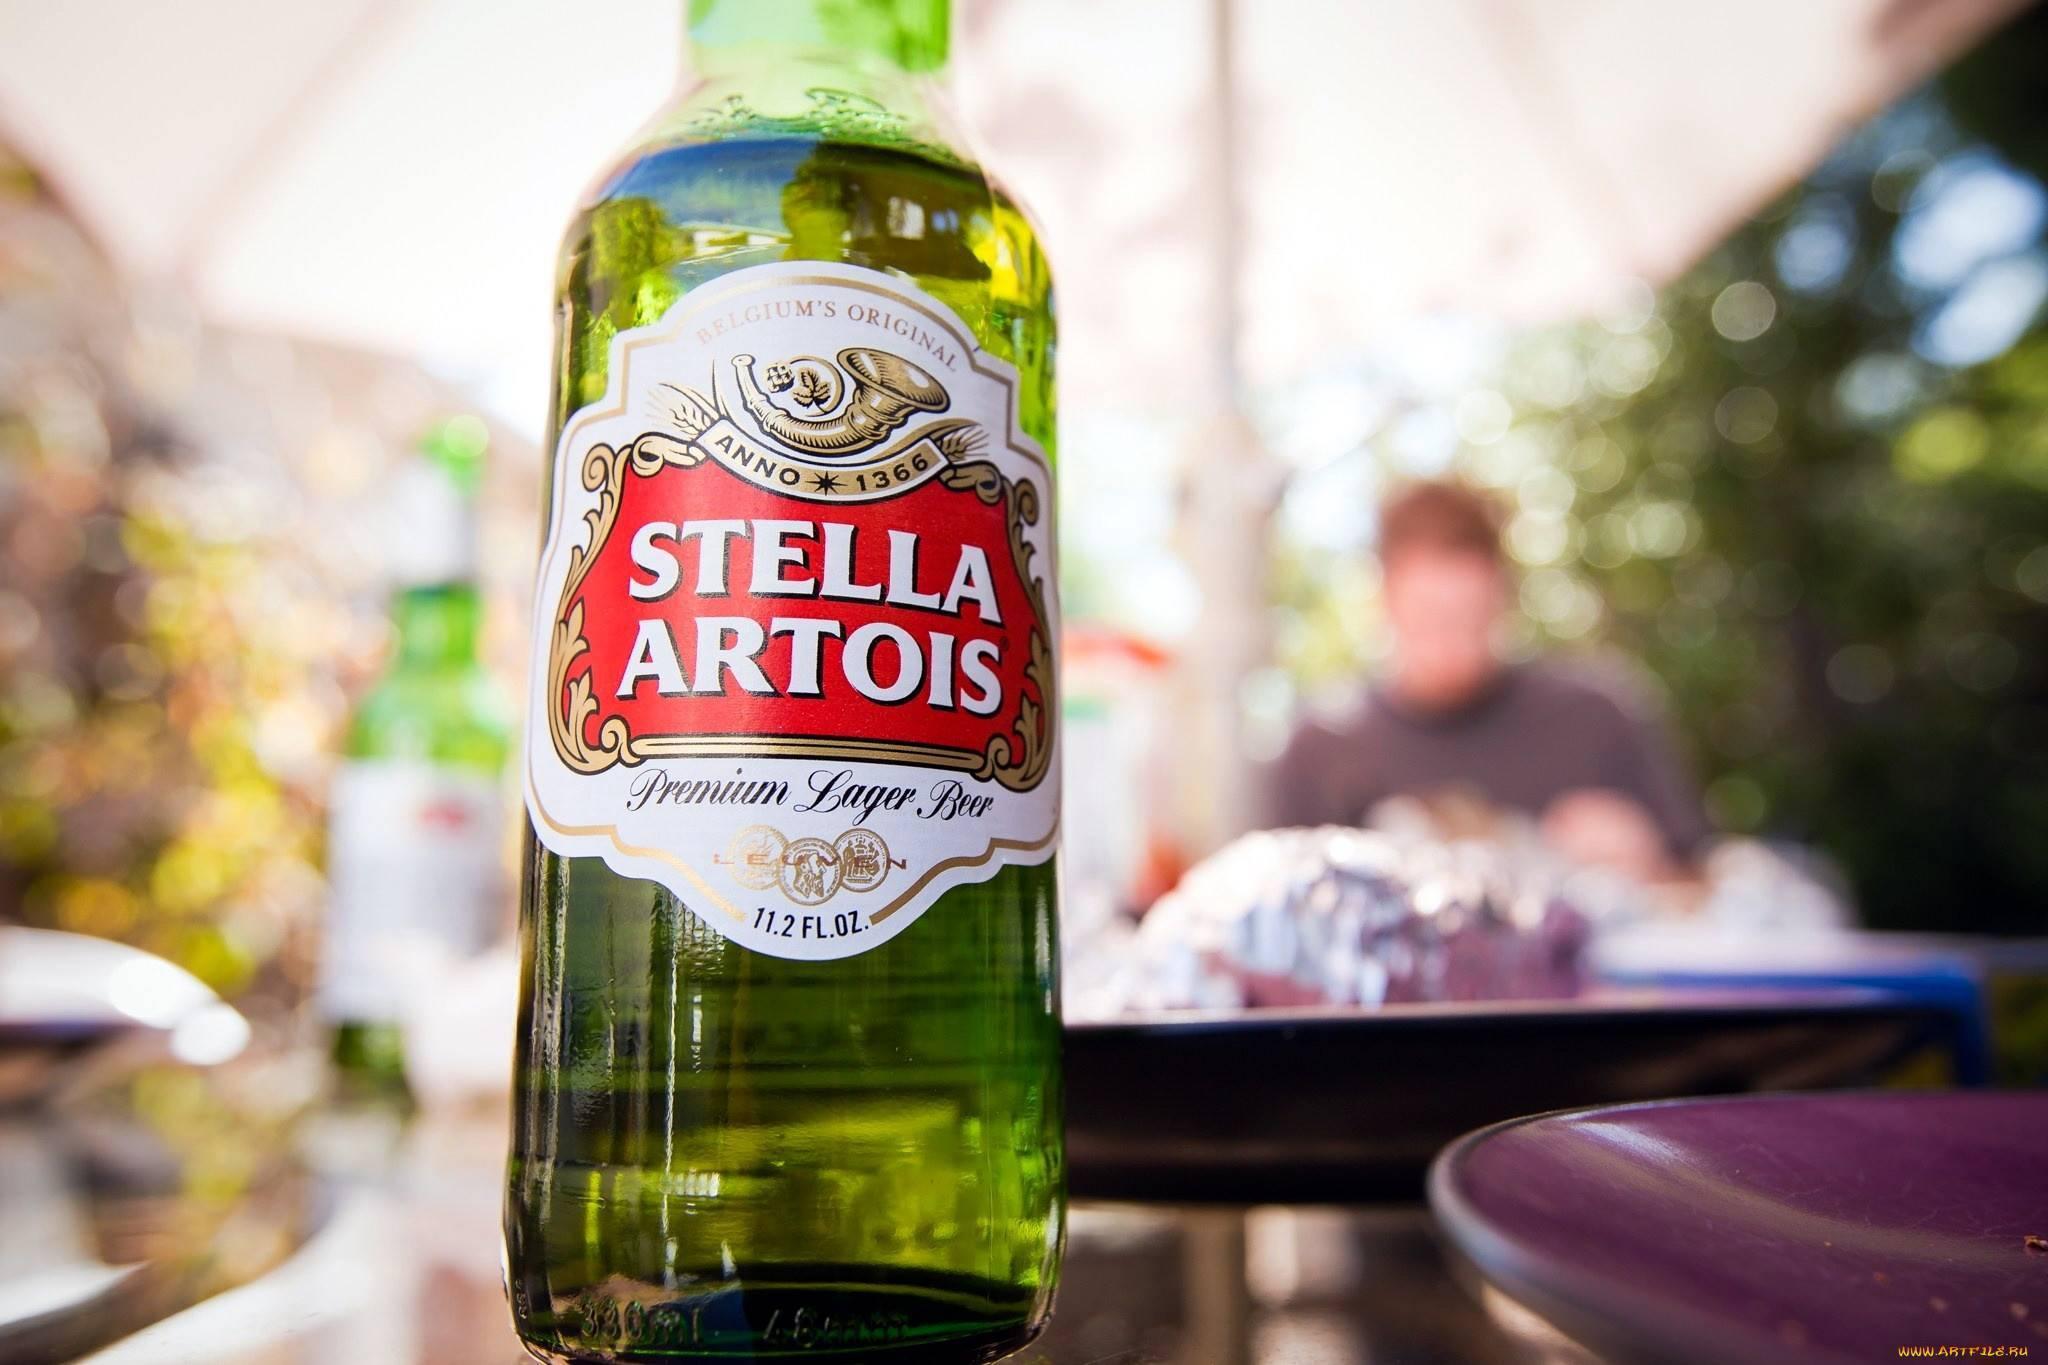 Стелла артуа: производитель, состав пива, разновидности напитка